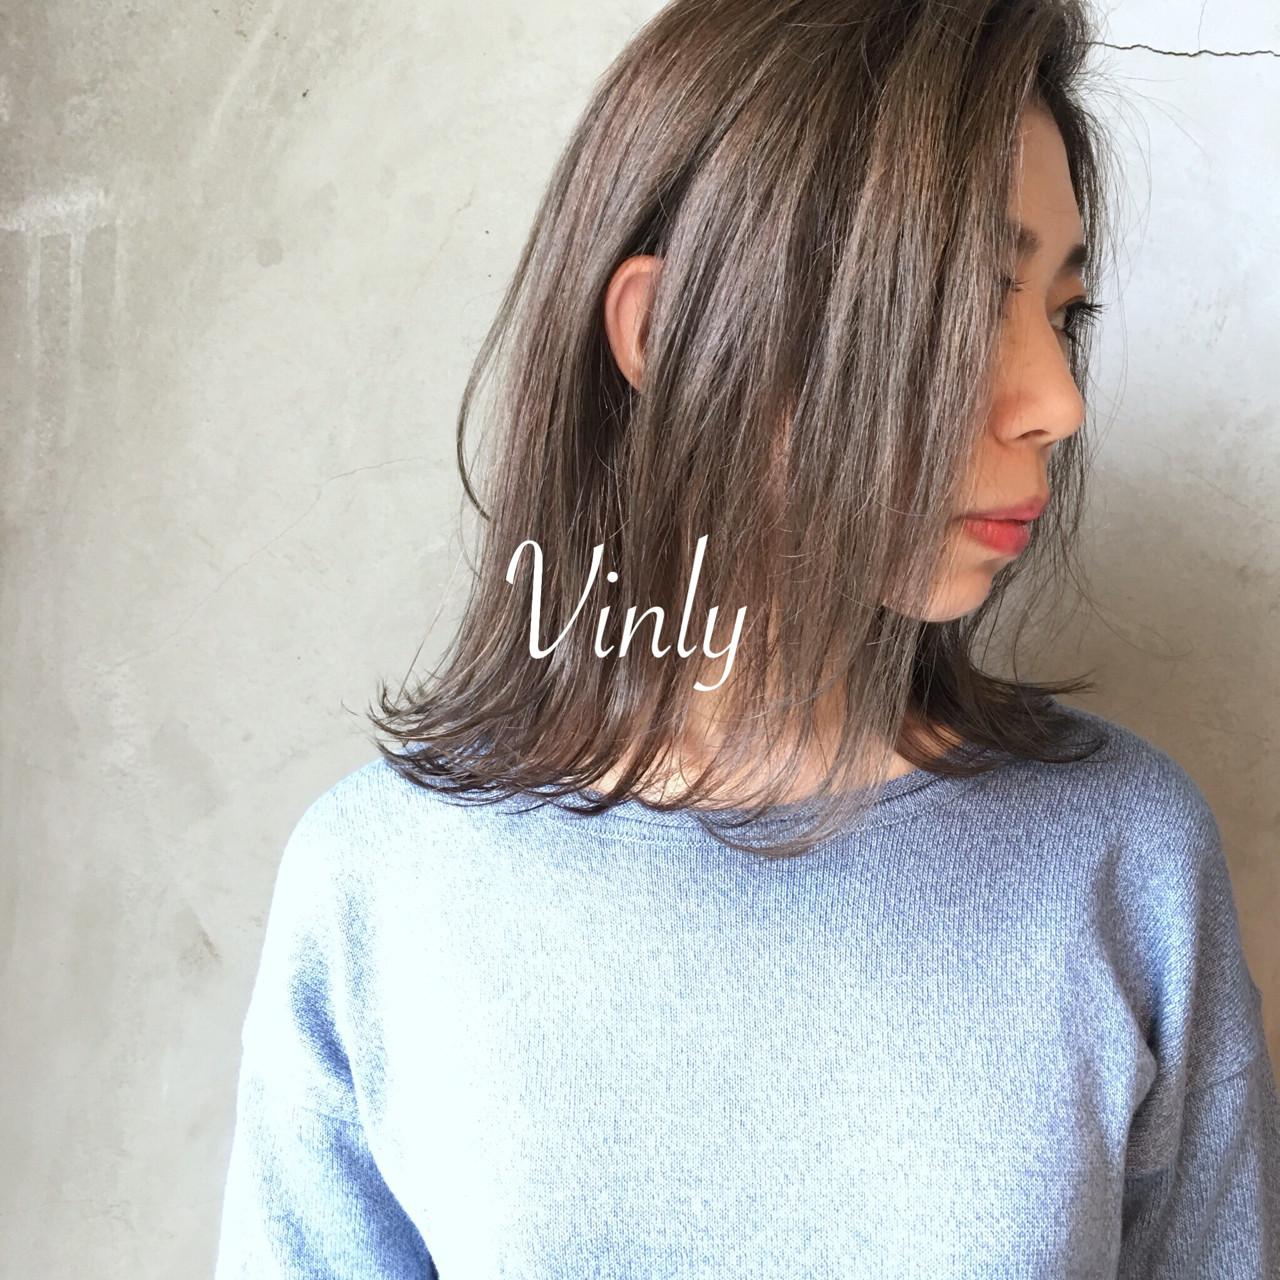 オフィス ゆるふわ デート ウェーブ ヘアスタイルや髪型の写真・画像 | norihiko yoshimoto / Vinly hair salon